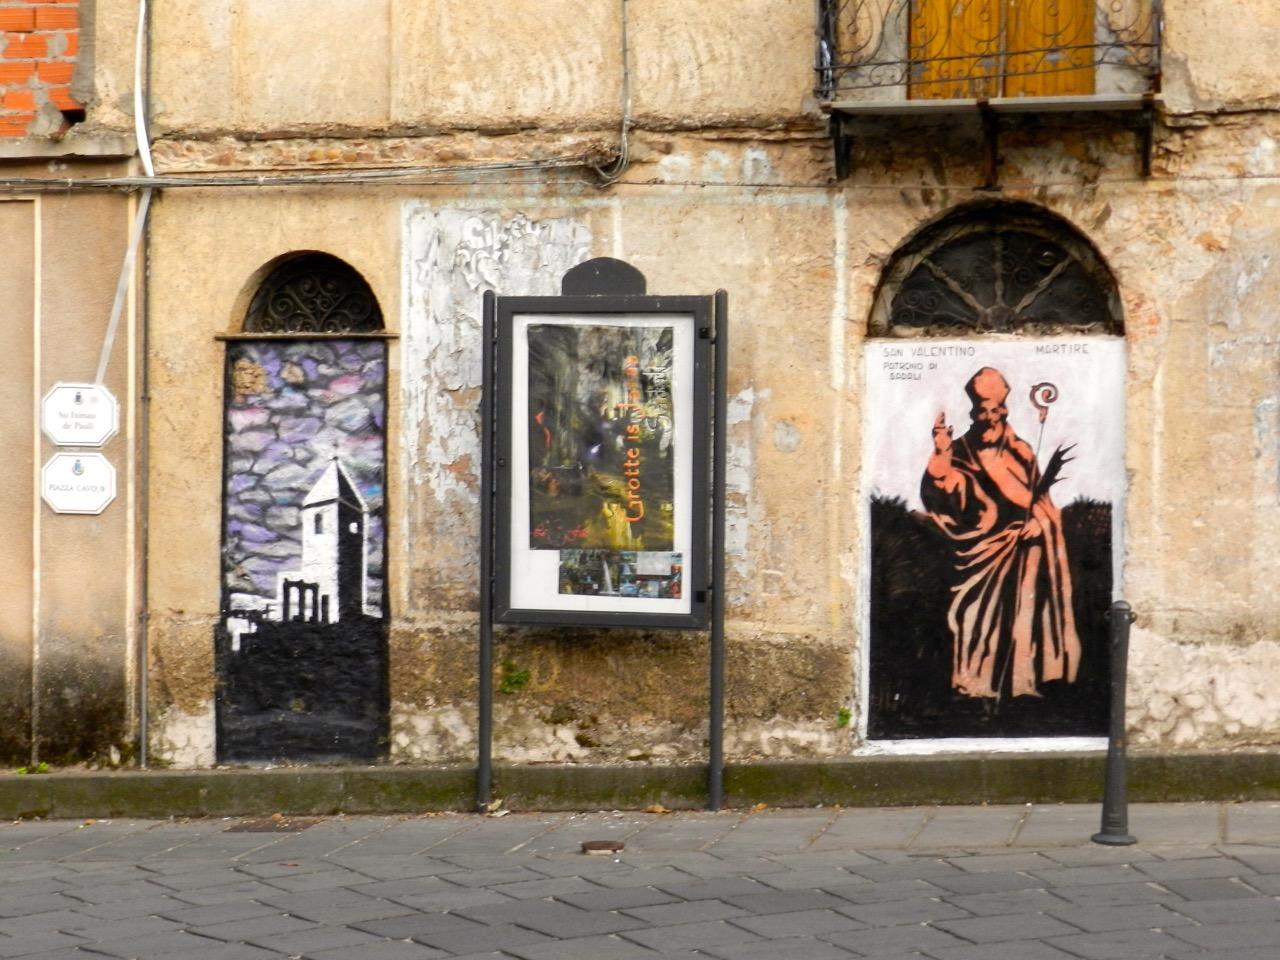 Street Art in Sadali: Der heilige San Valentino